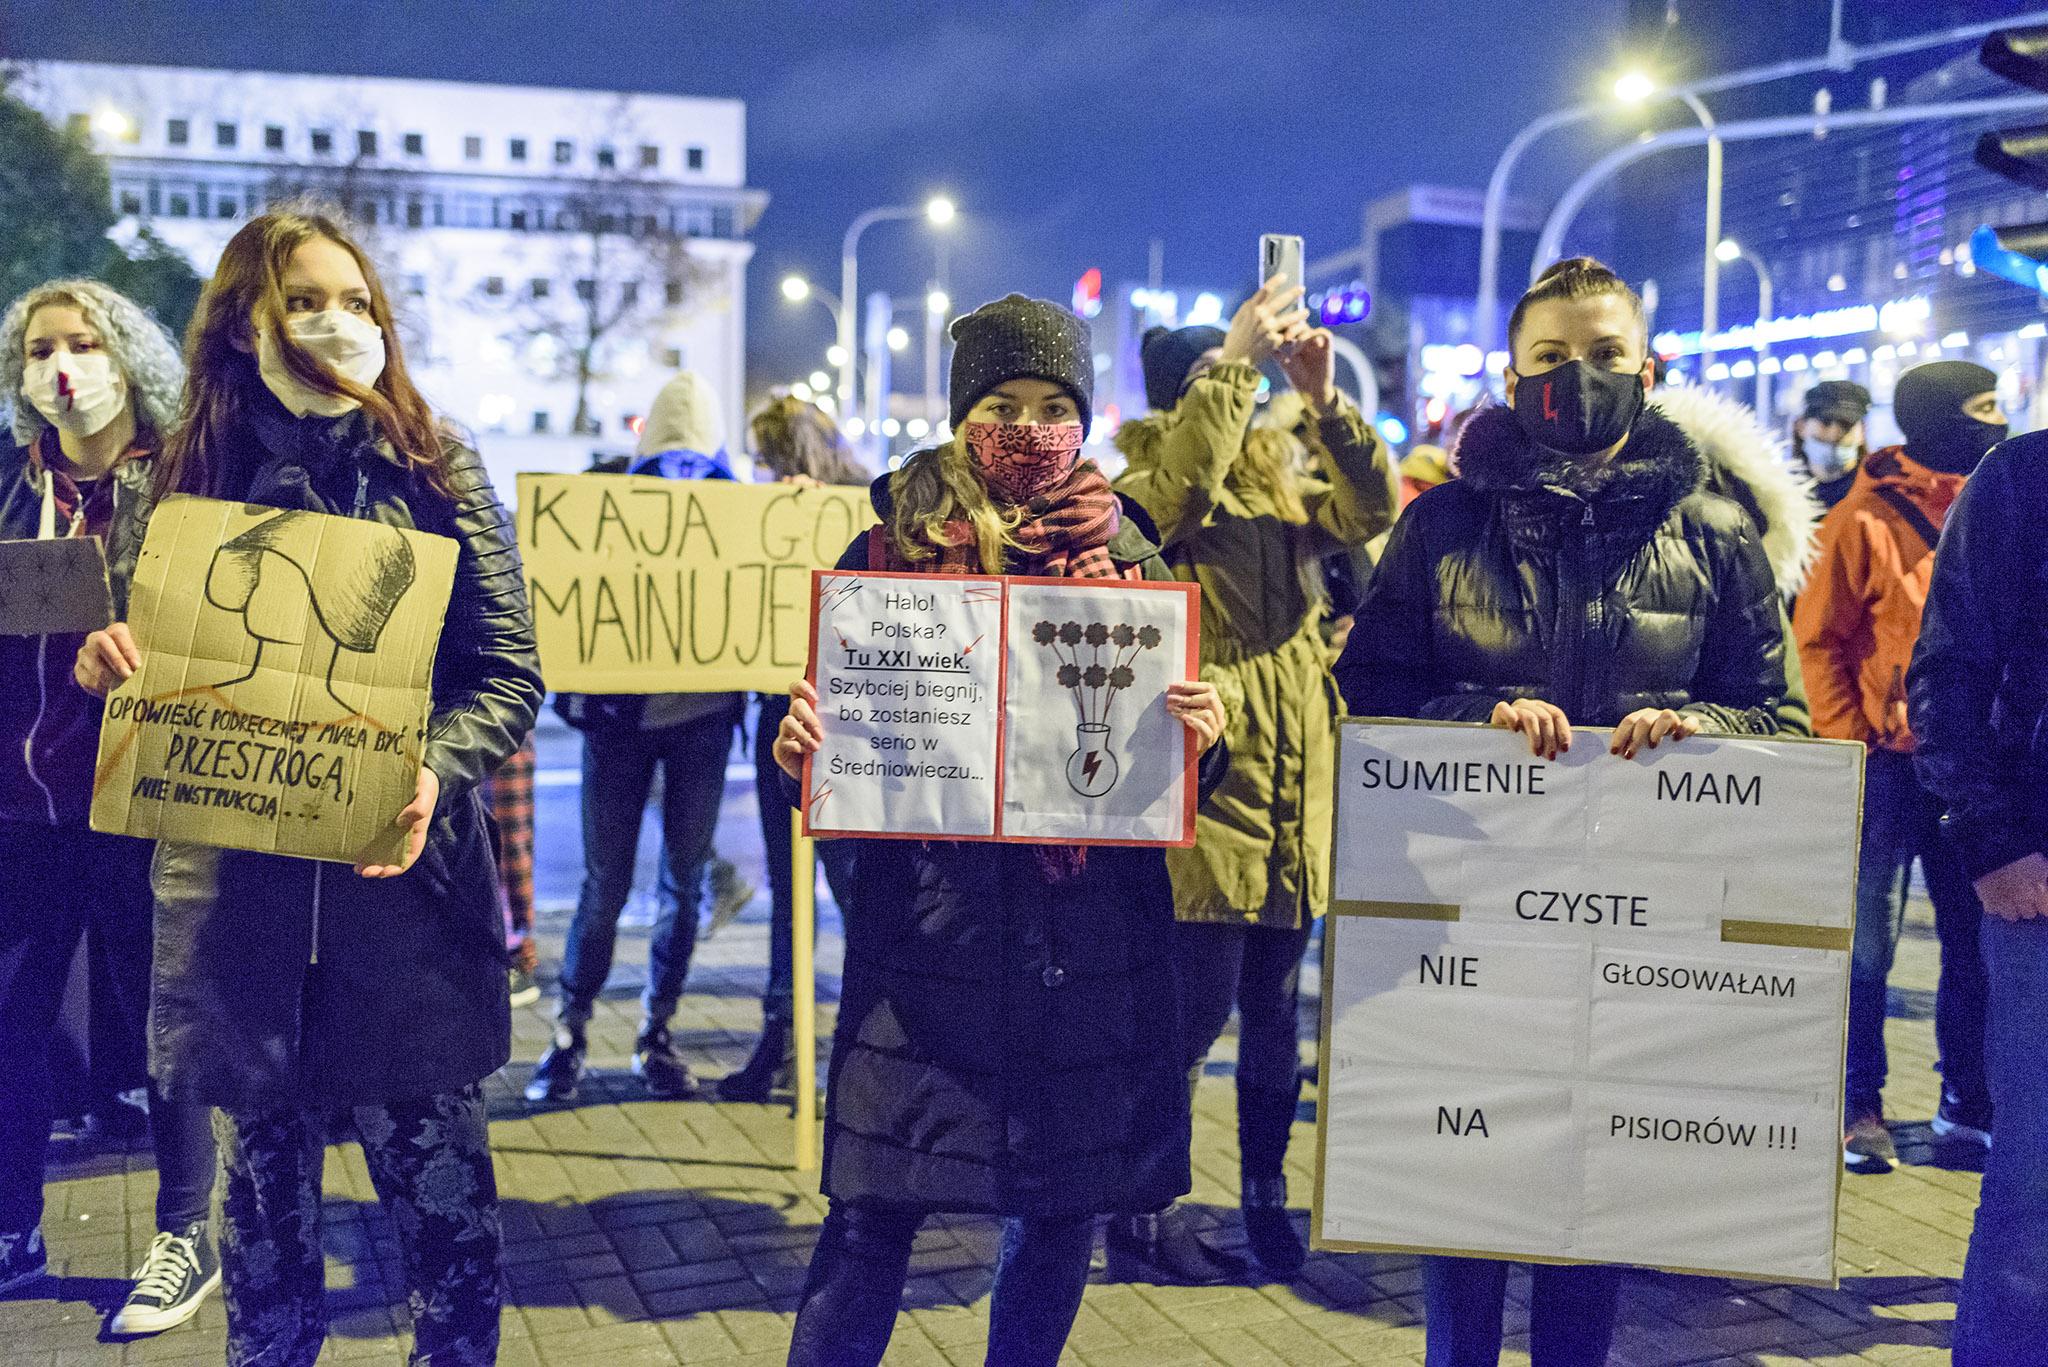 DSCZdjęcie: Sebastian Stankiewicz / Rzeszów News_6720_RZESZOW_NEWS_SEBASTIAN_STANKIEWICZ